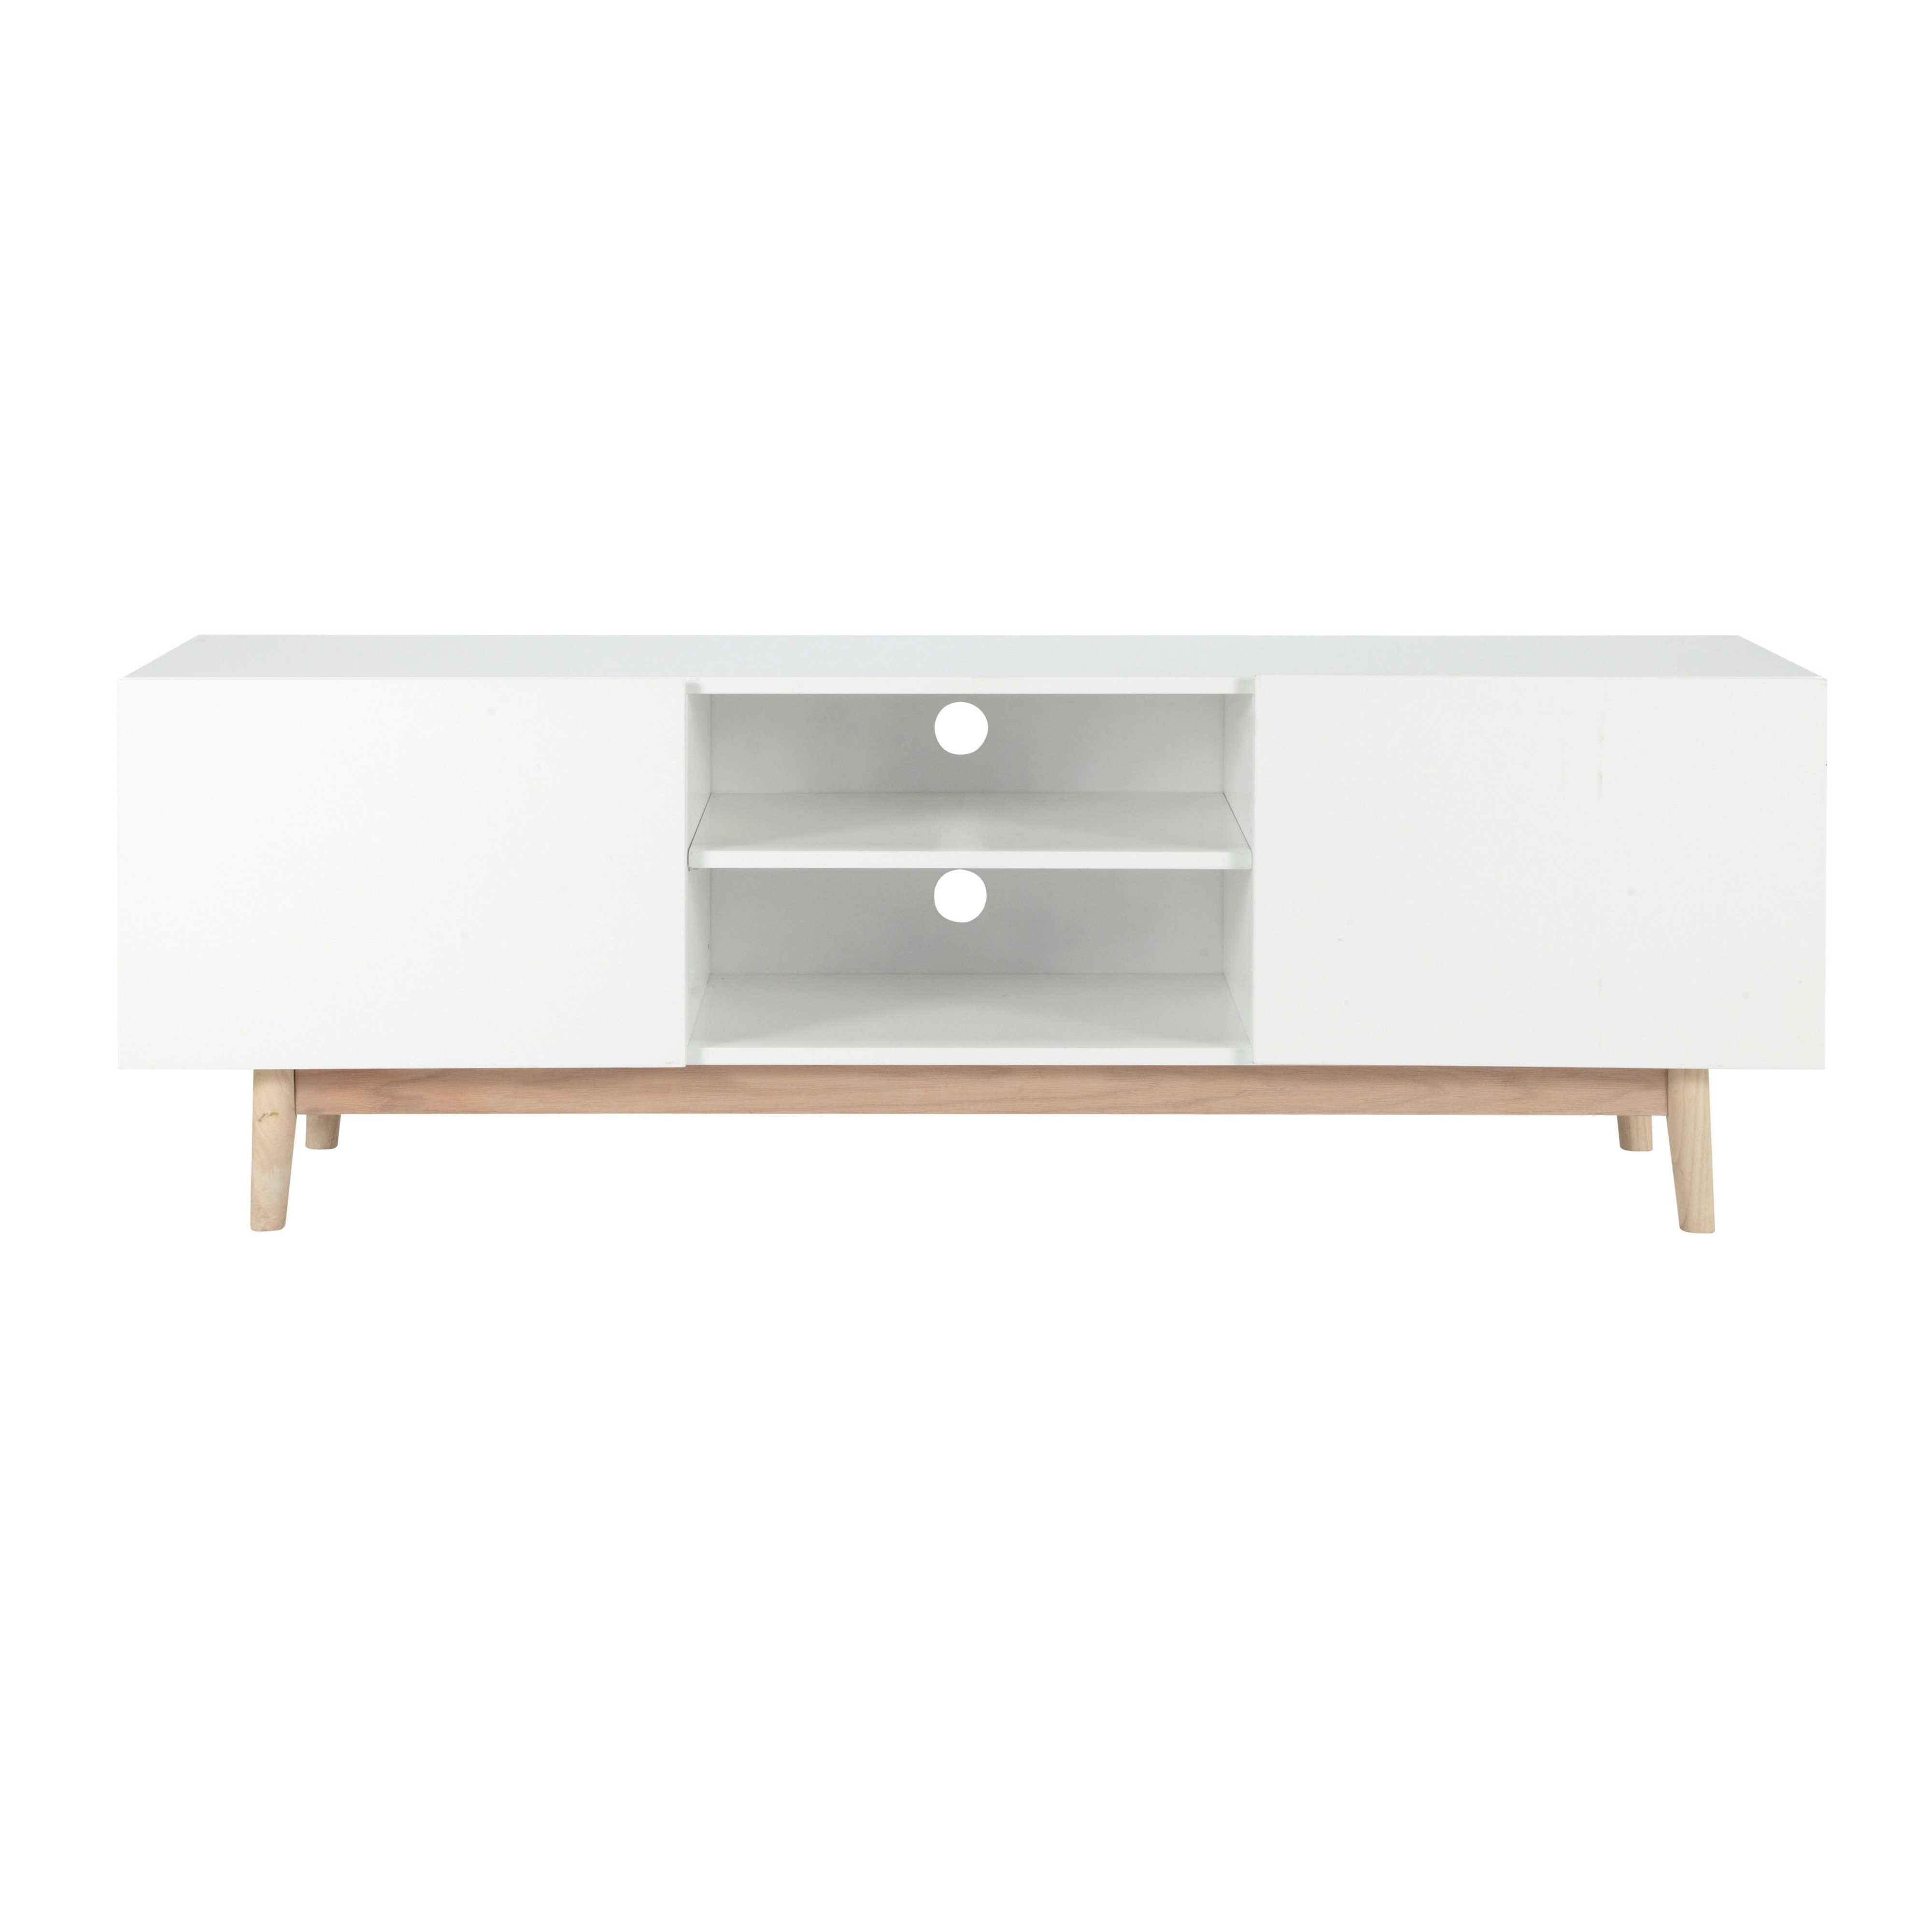 Tv bank holz vintage  TV-Möbel im Vintage-Stil aus Holz weiß B 150 cm - Artic Artic ...